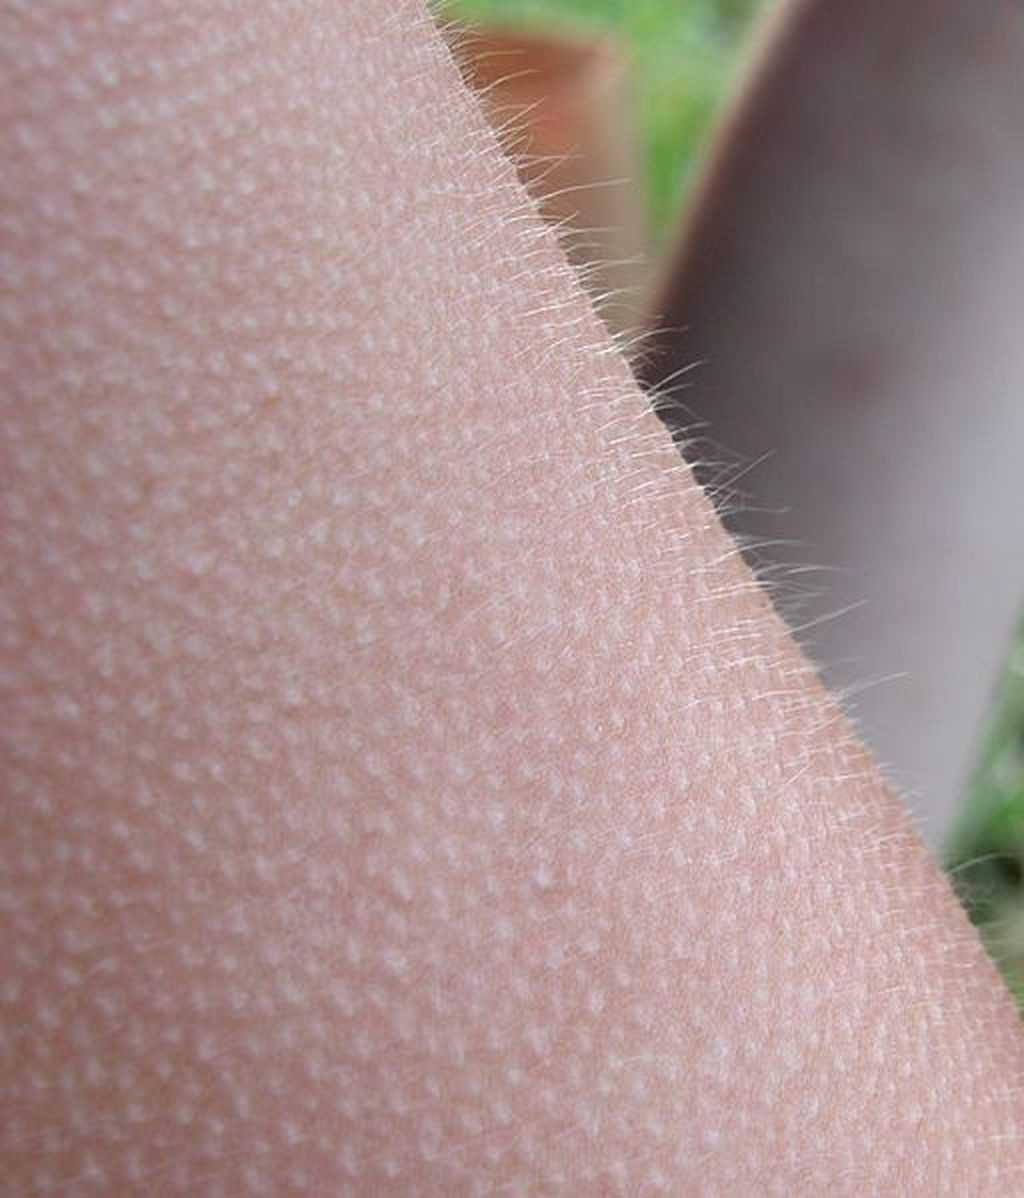 Si se te pone la piel de gallina cuando escuchas música es porque tu cerebro es especial